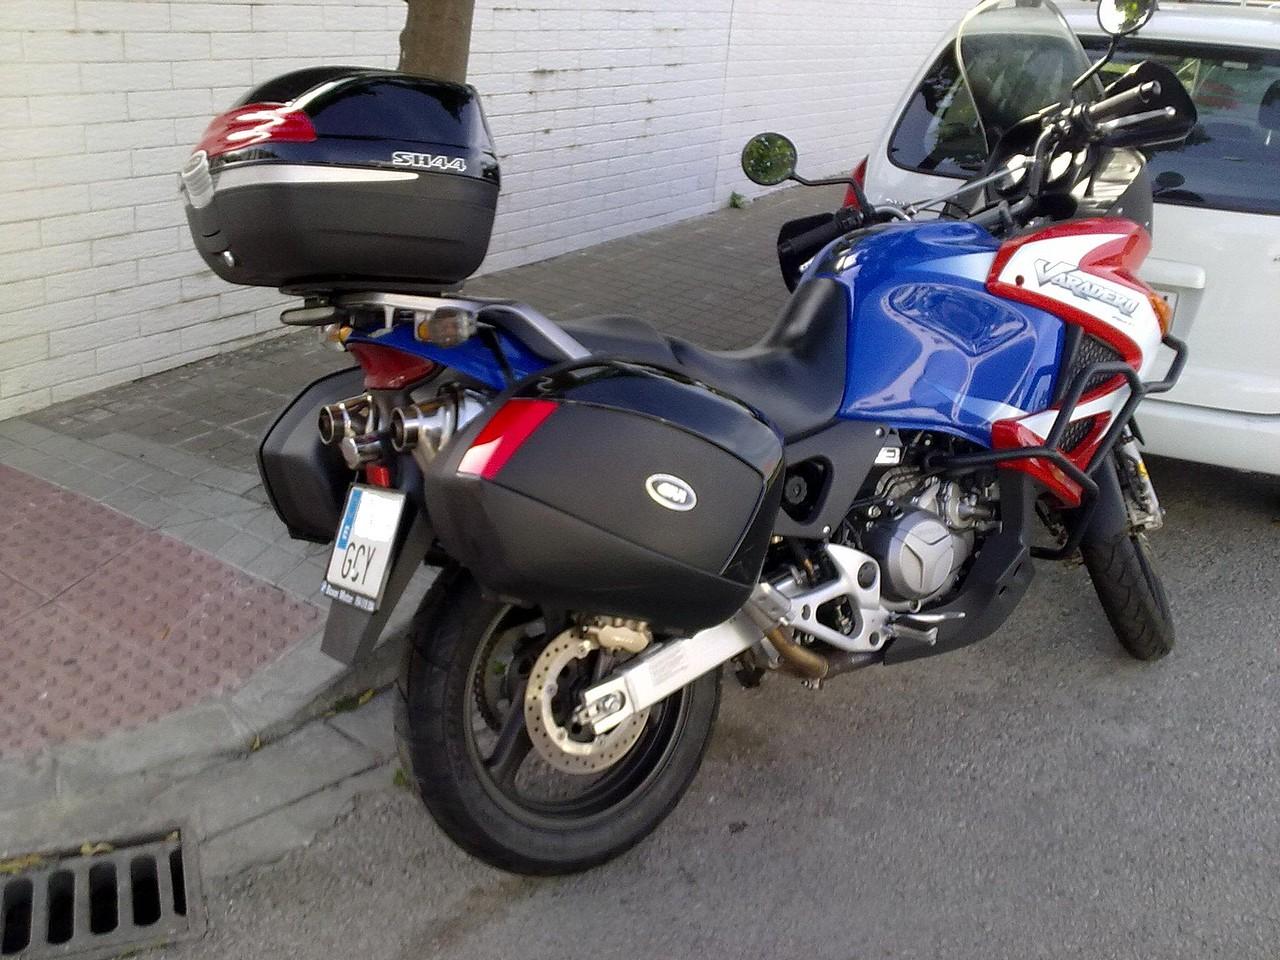 Presento mi nueva moto 2B4FF685DD294FAE9BEF2B4FAE99B1